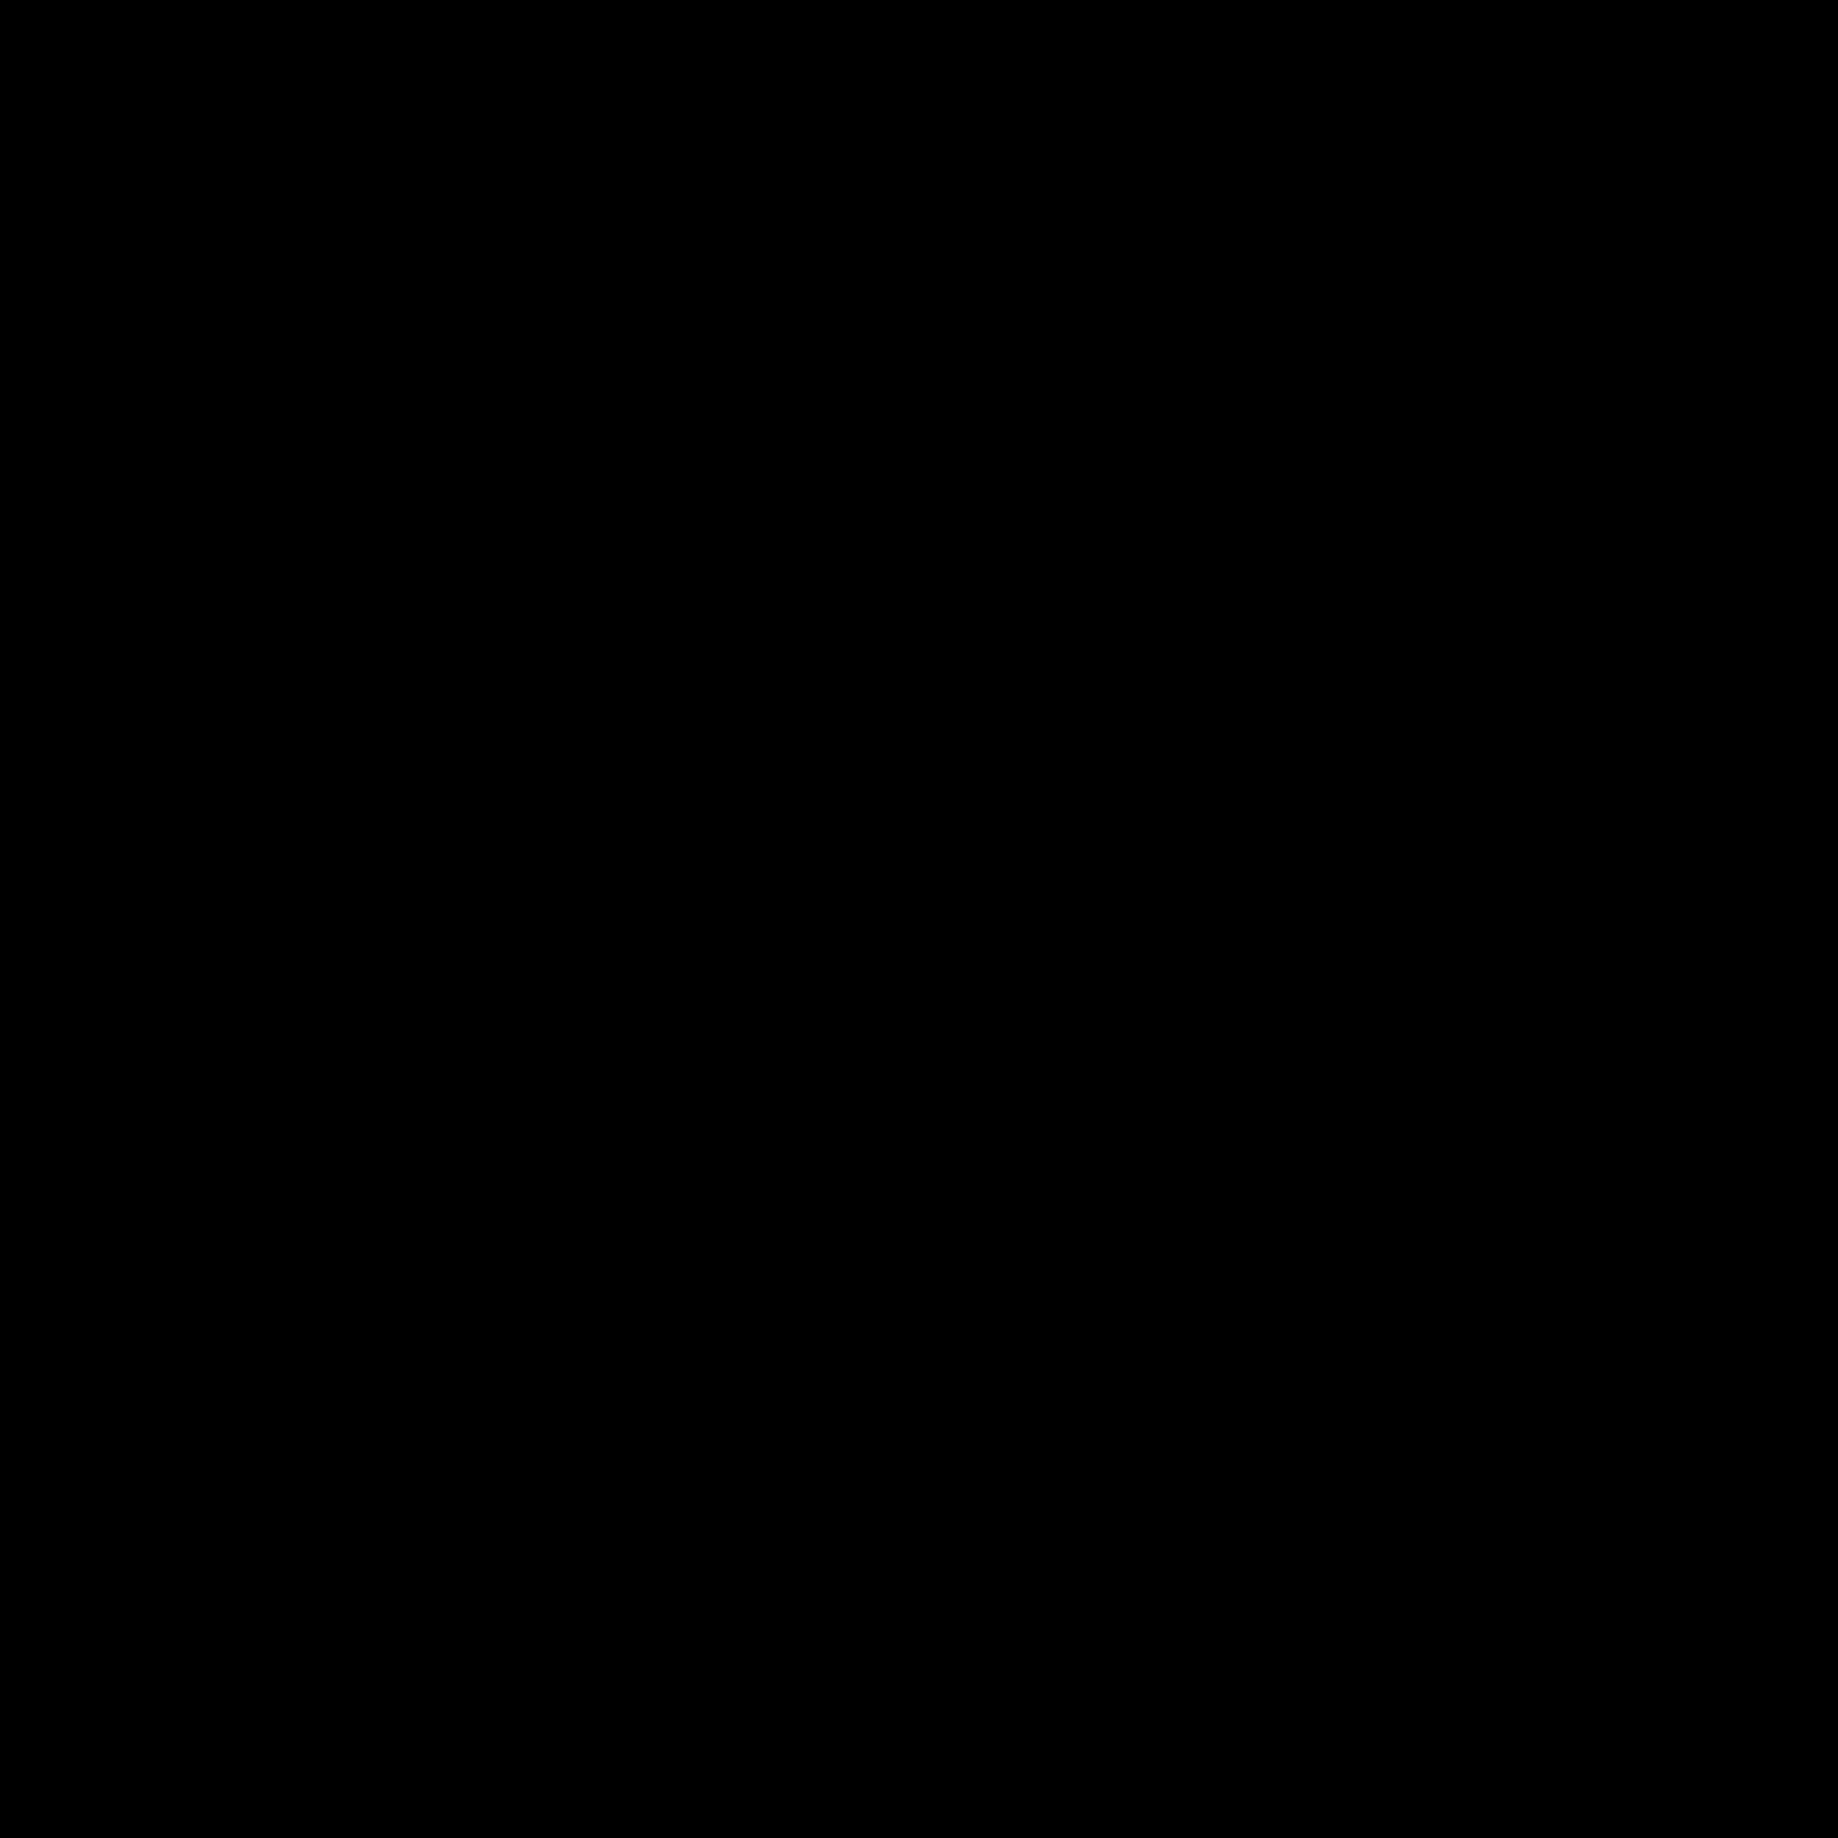 Gustavianischer Spiegel von 1820 mit Siegel auf der Rückseite